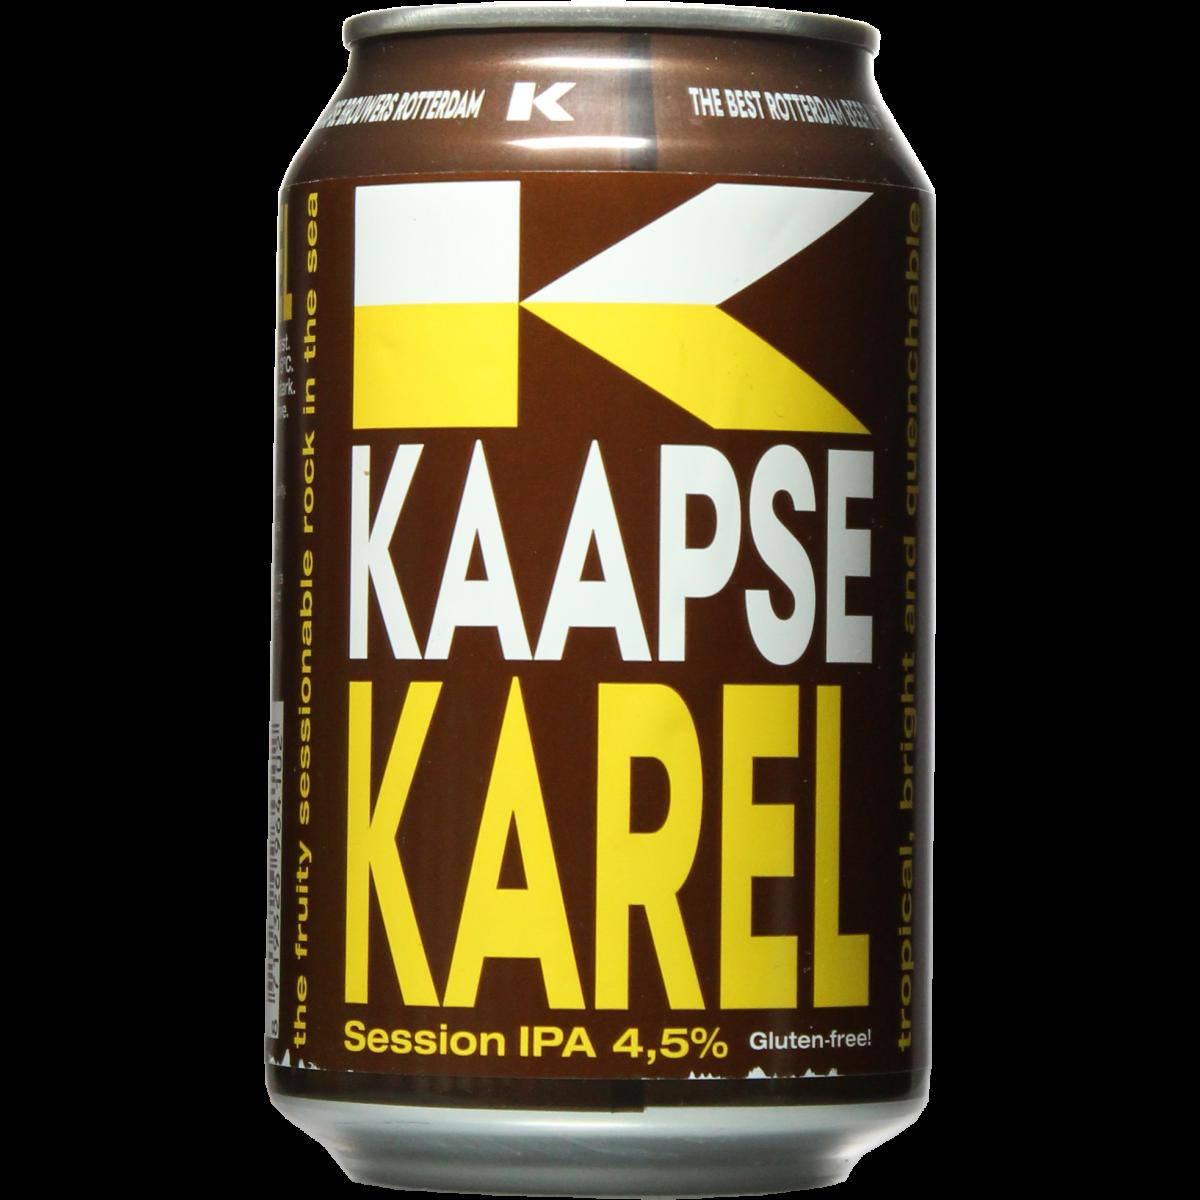 Kaapse Karel (blik)